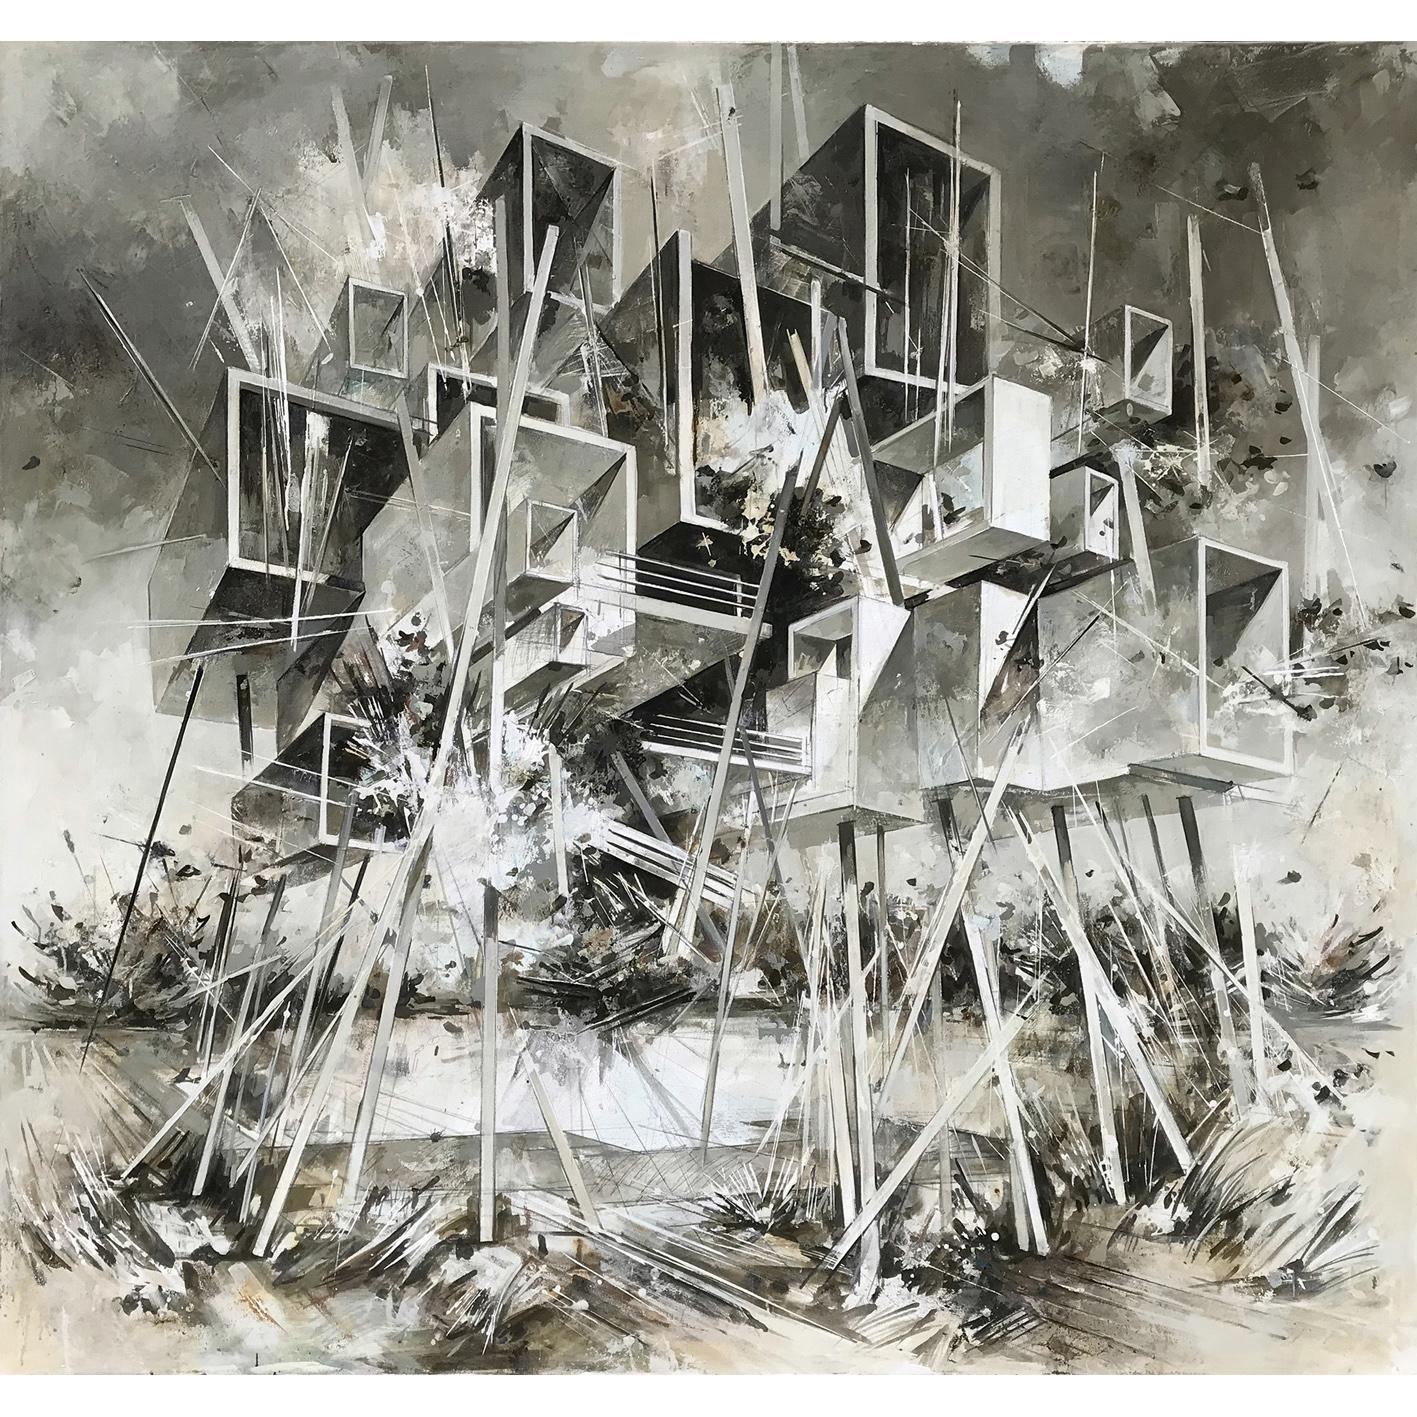 Utopia XVIII, 200 x 210 cm, Öl auf Leinwand, 2019